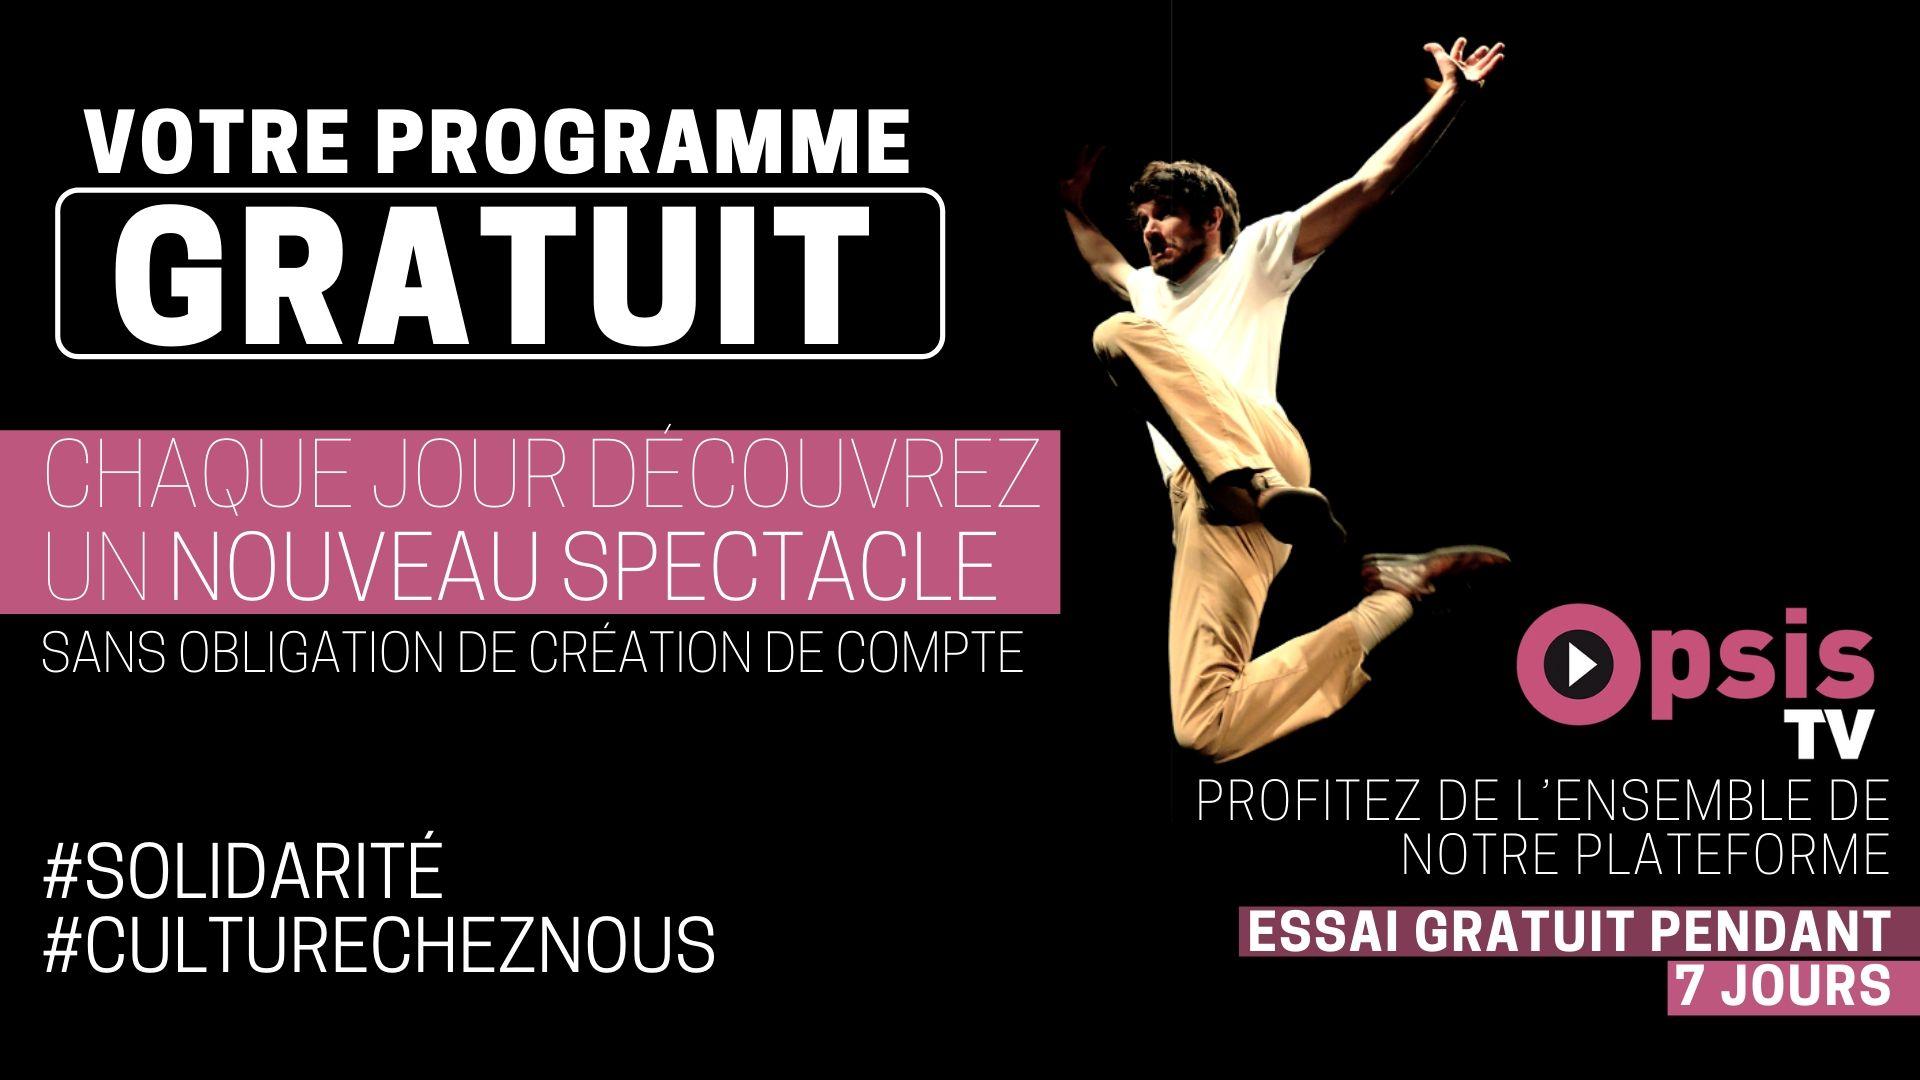 Un spectacle de théâtre gratuit par jour (Dématérialisé - opsistv.com)